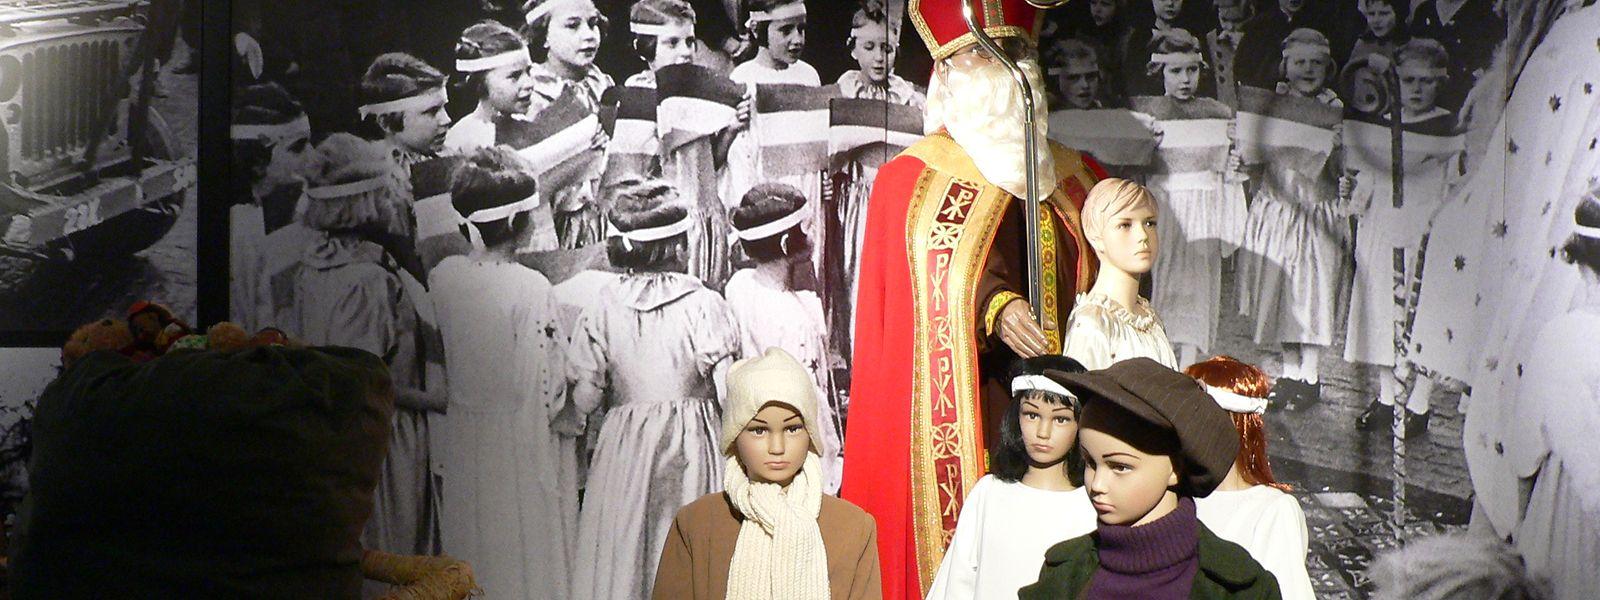 Im Ardennenschlachtmuseum in Wiltz erinnert seit einigen Jahren auch ein eindrucksvolles Diorama an den Kleeschenauftritt von 1944.